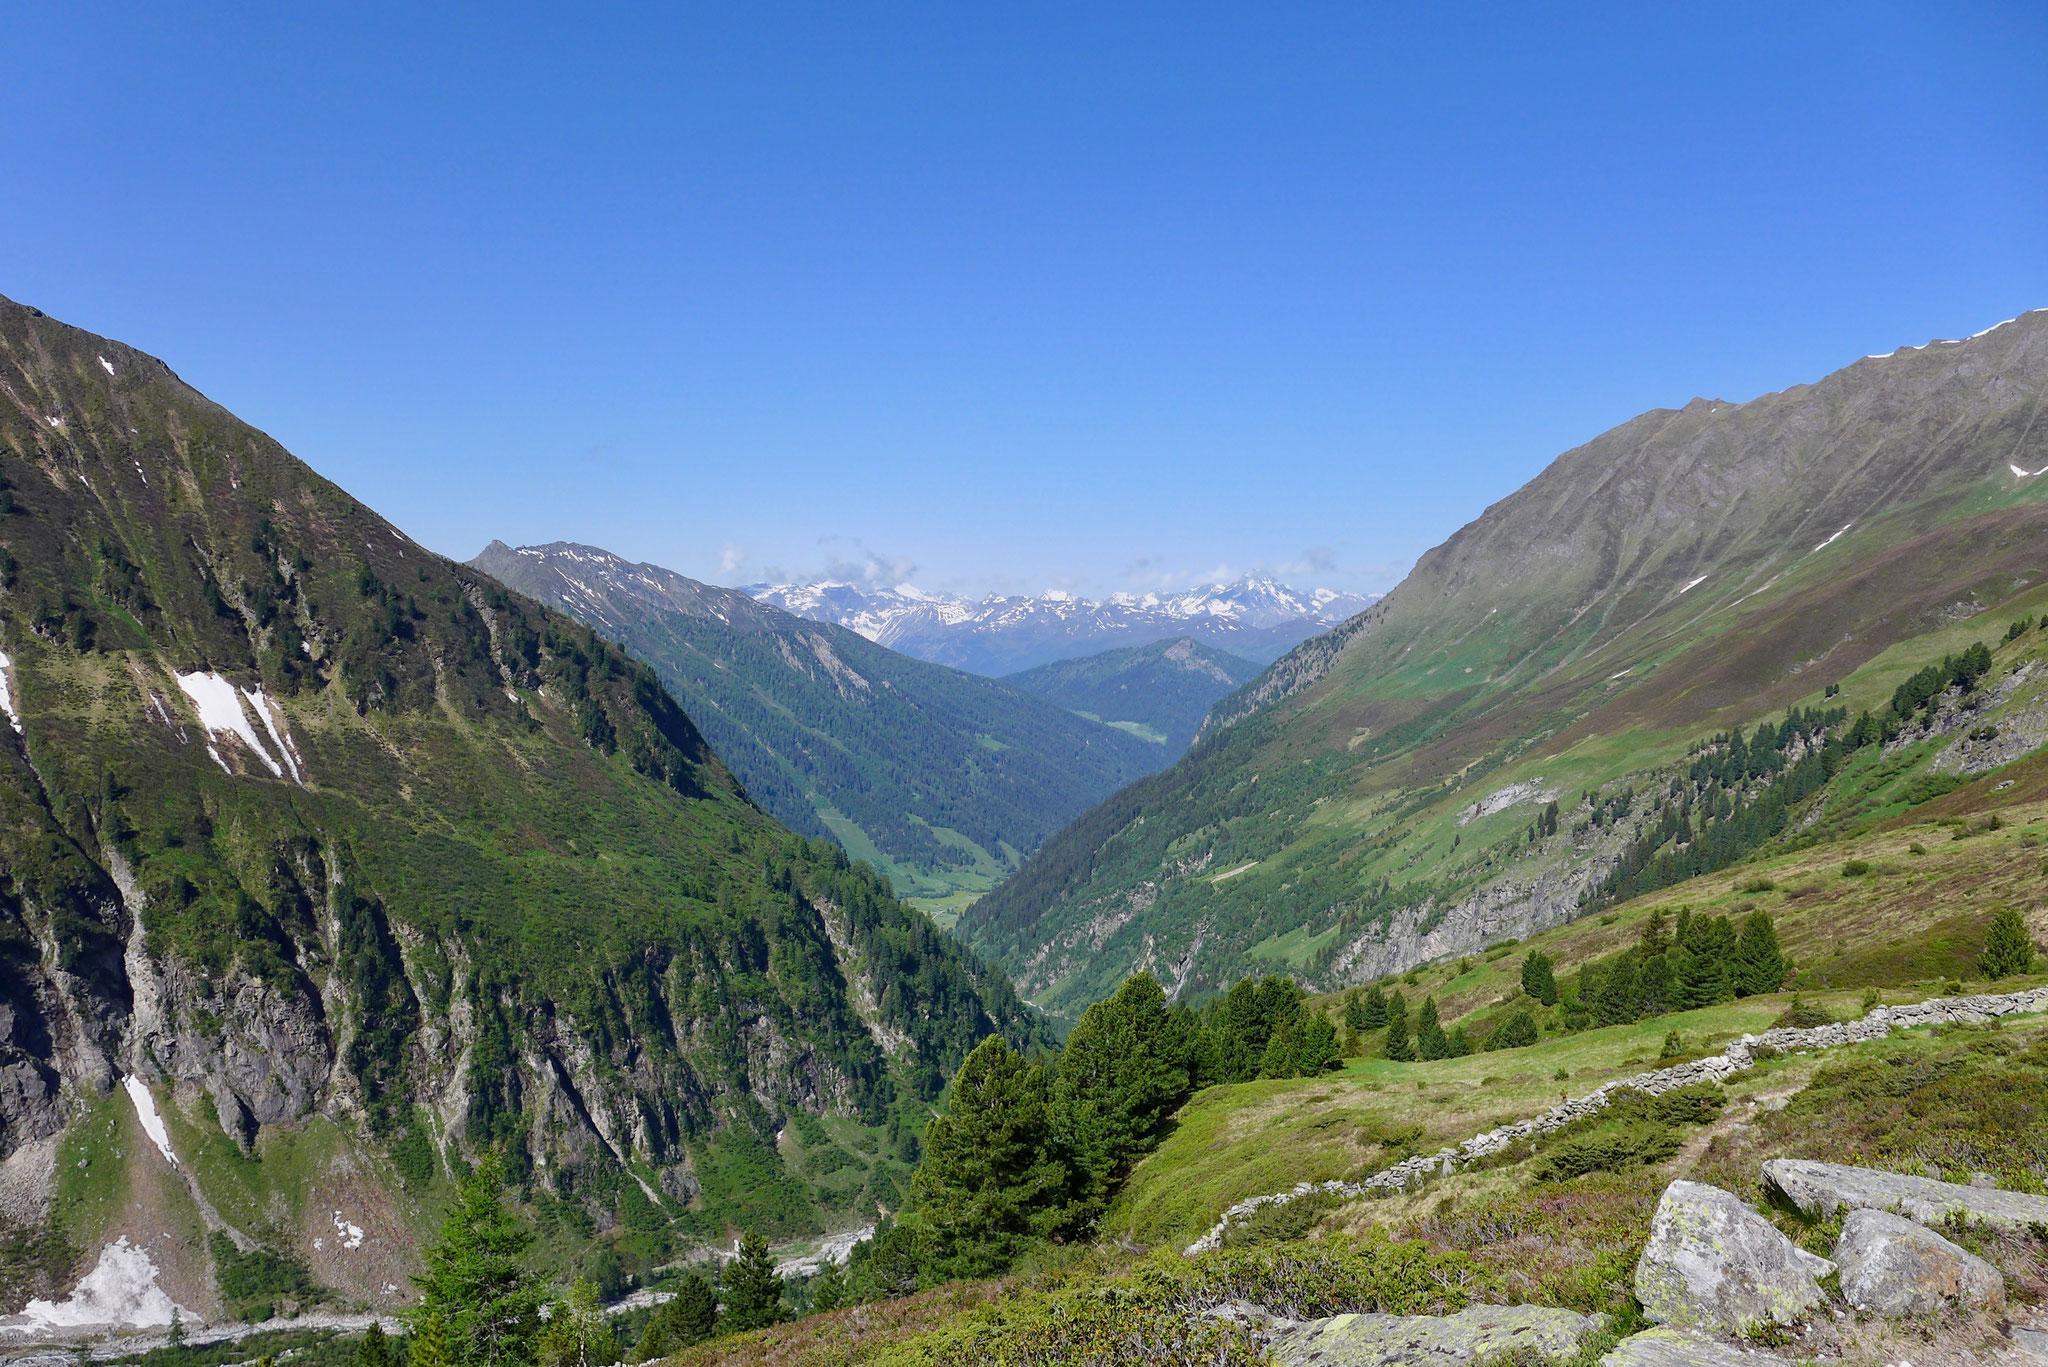 Der Blick zurück ins Tal.